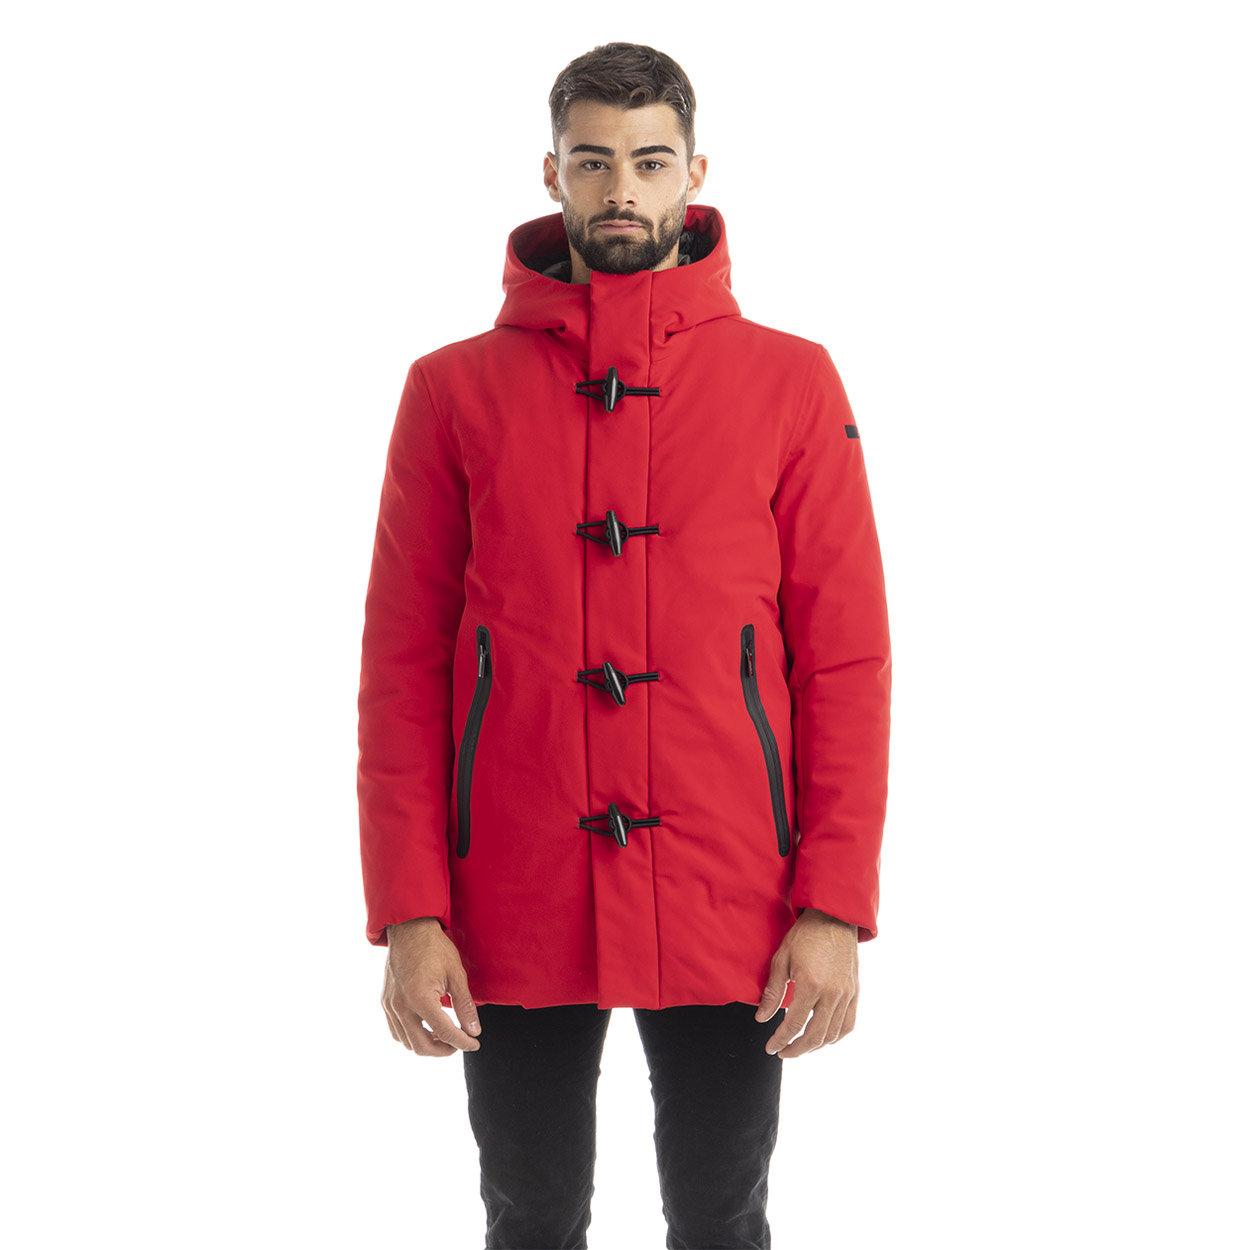 Montgomery con cappuccio fisso rosso Rrd Abbigliamento Acquista su Ventis.